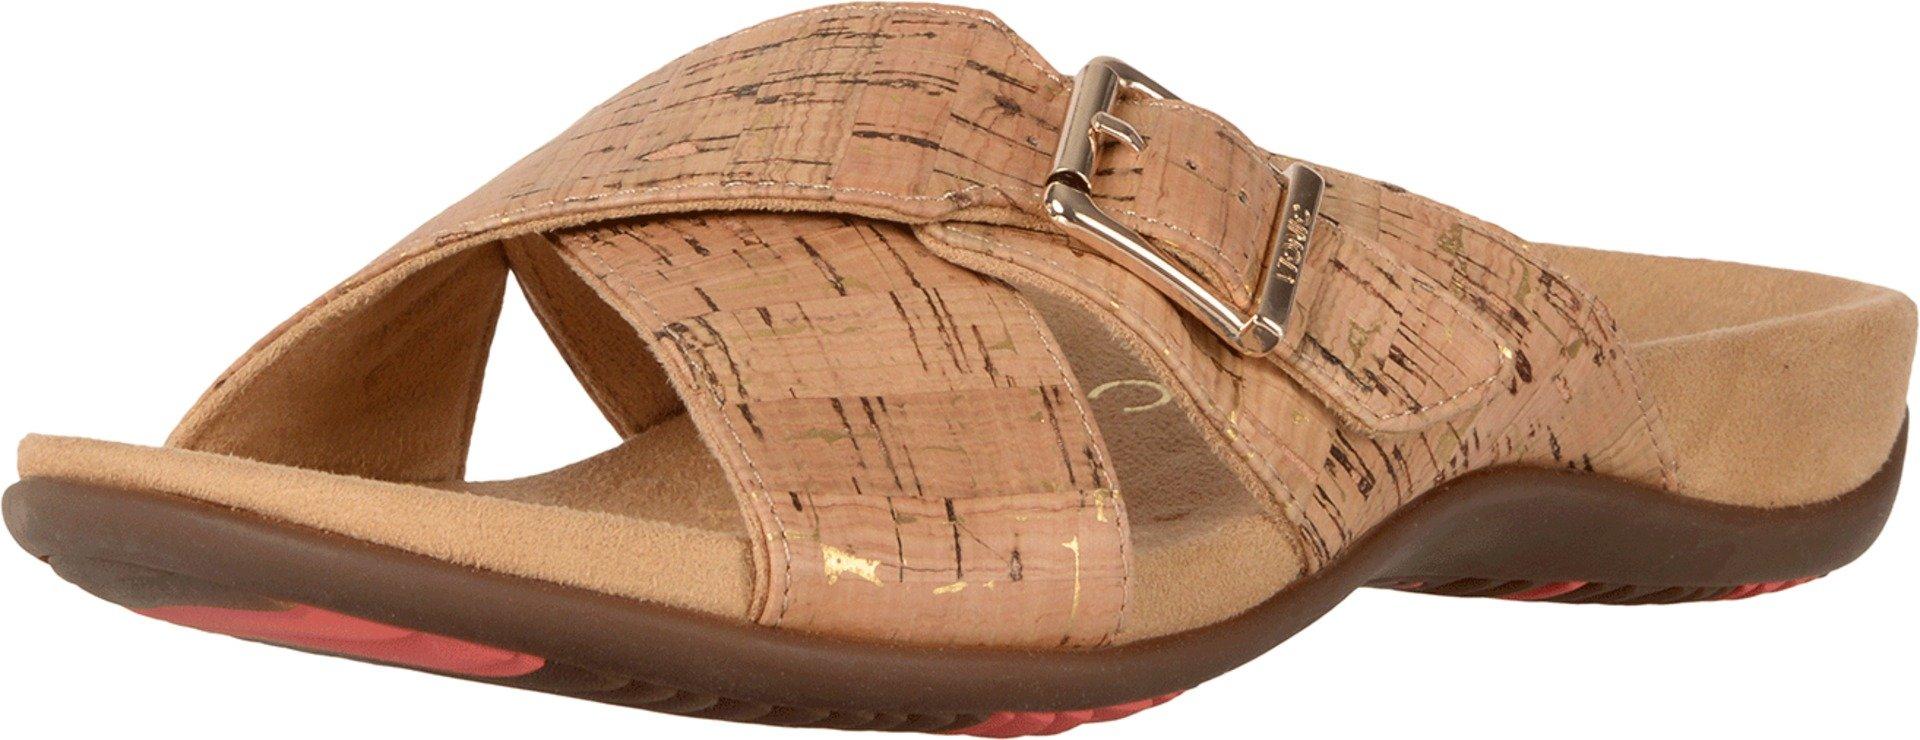 Vionic Women's Rest Dorie Slide Sandal